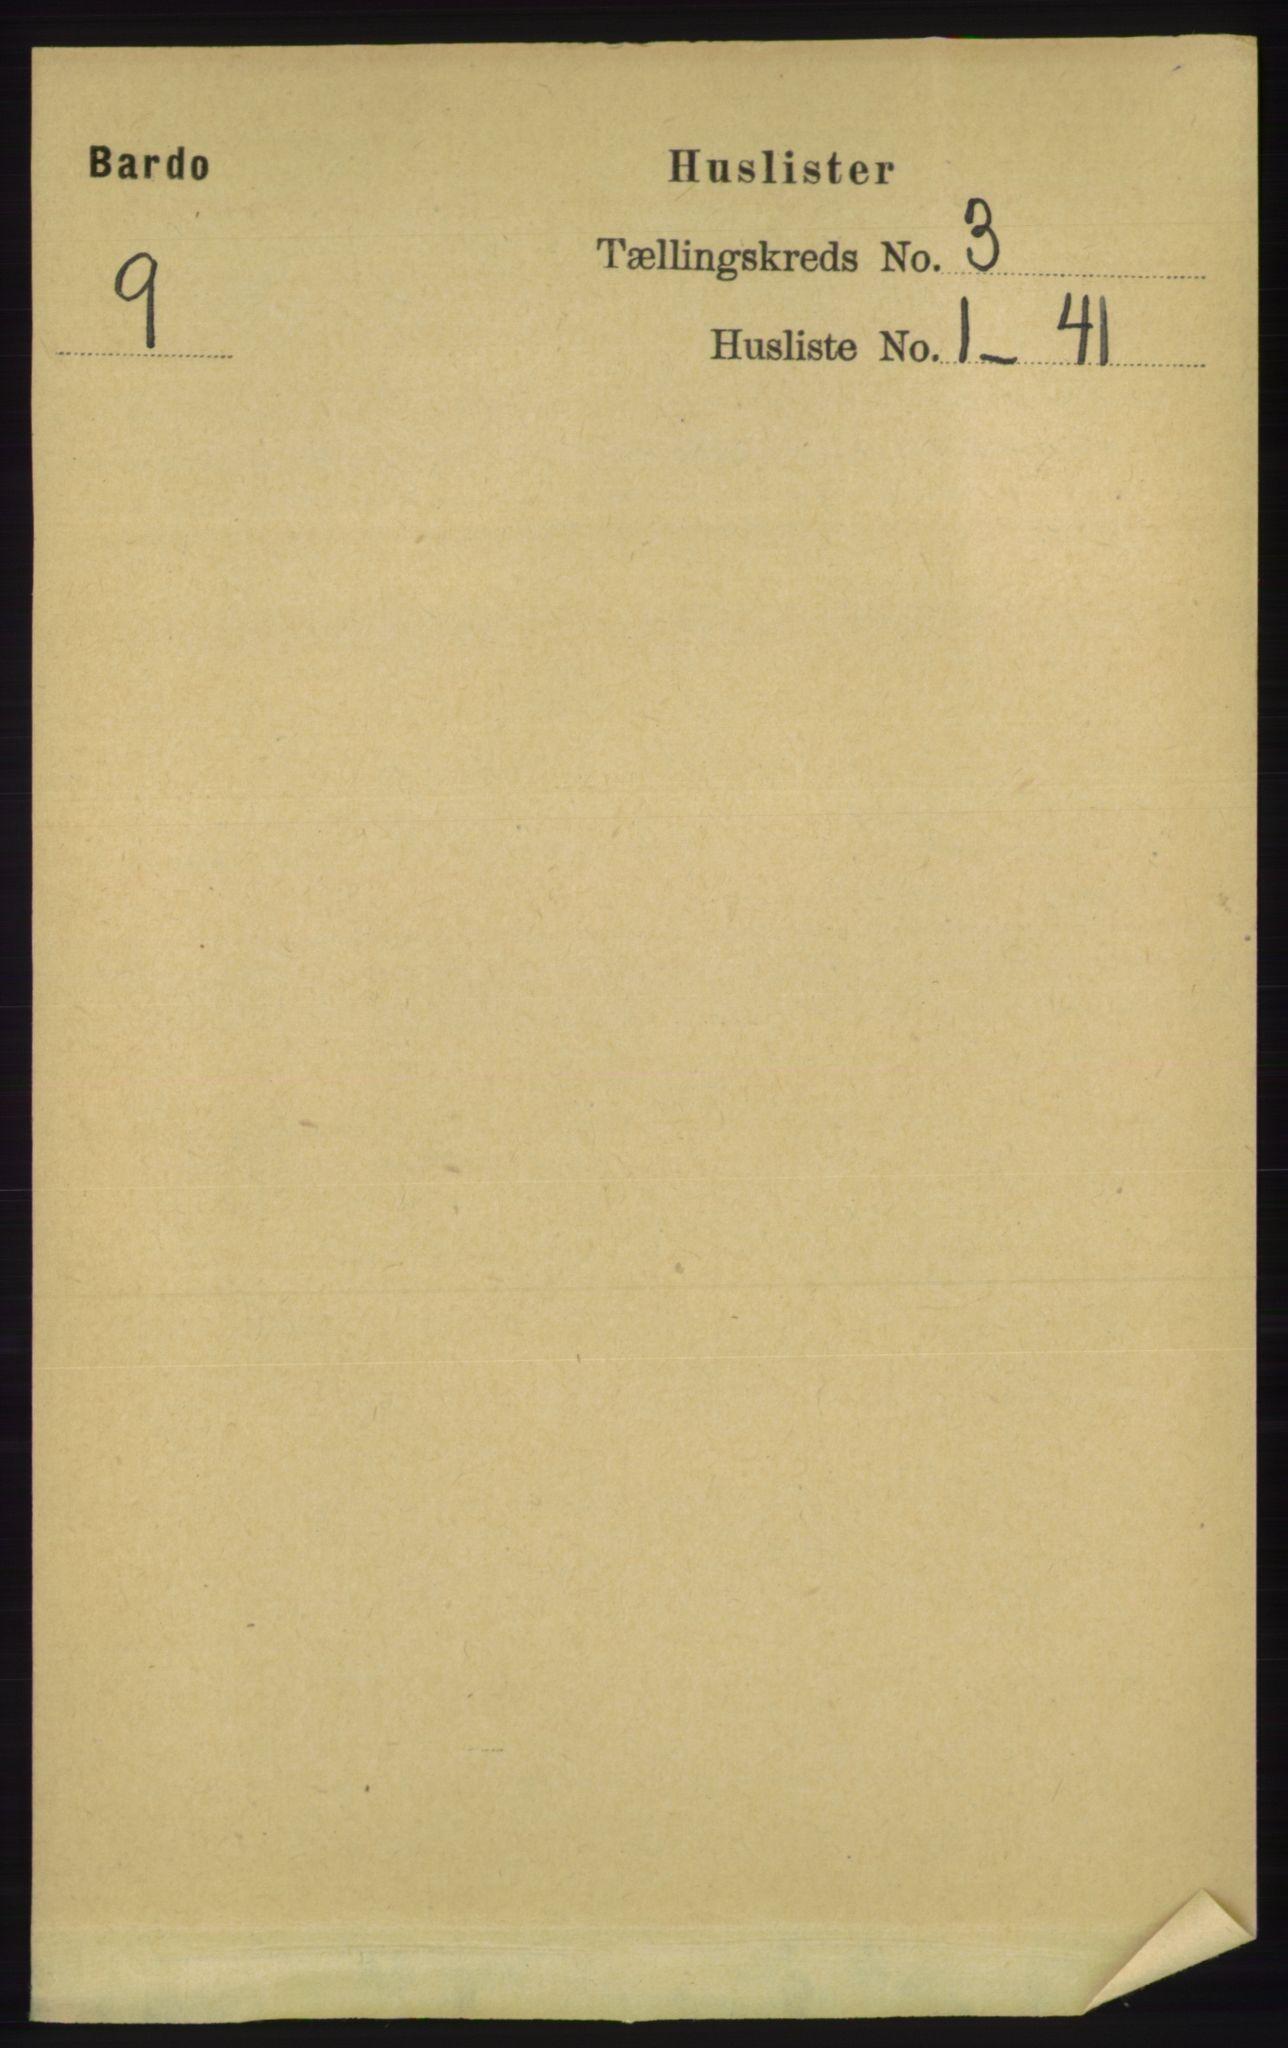 RA, Folketelling 1891 for 1922 Bardu herred, 1891, s. 859